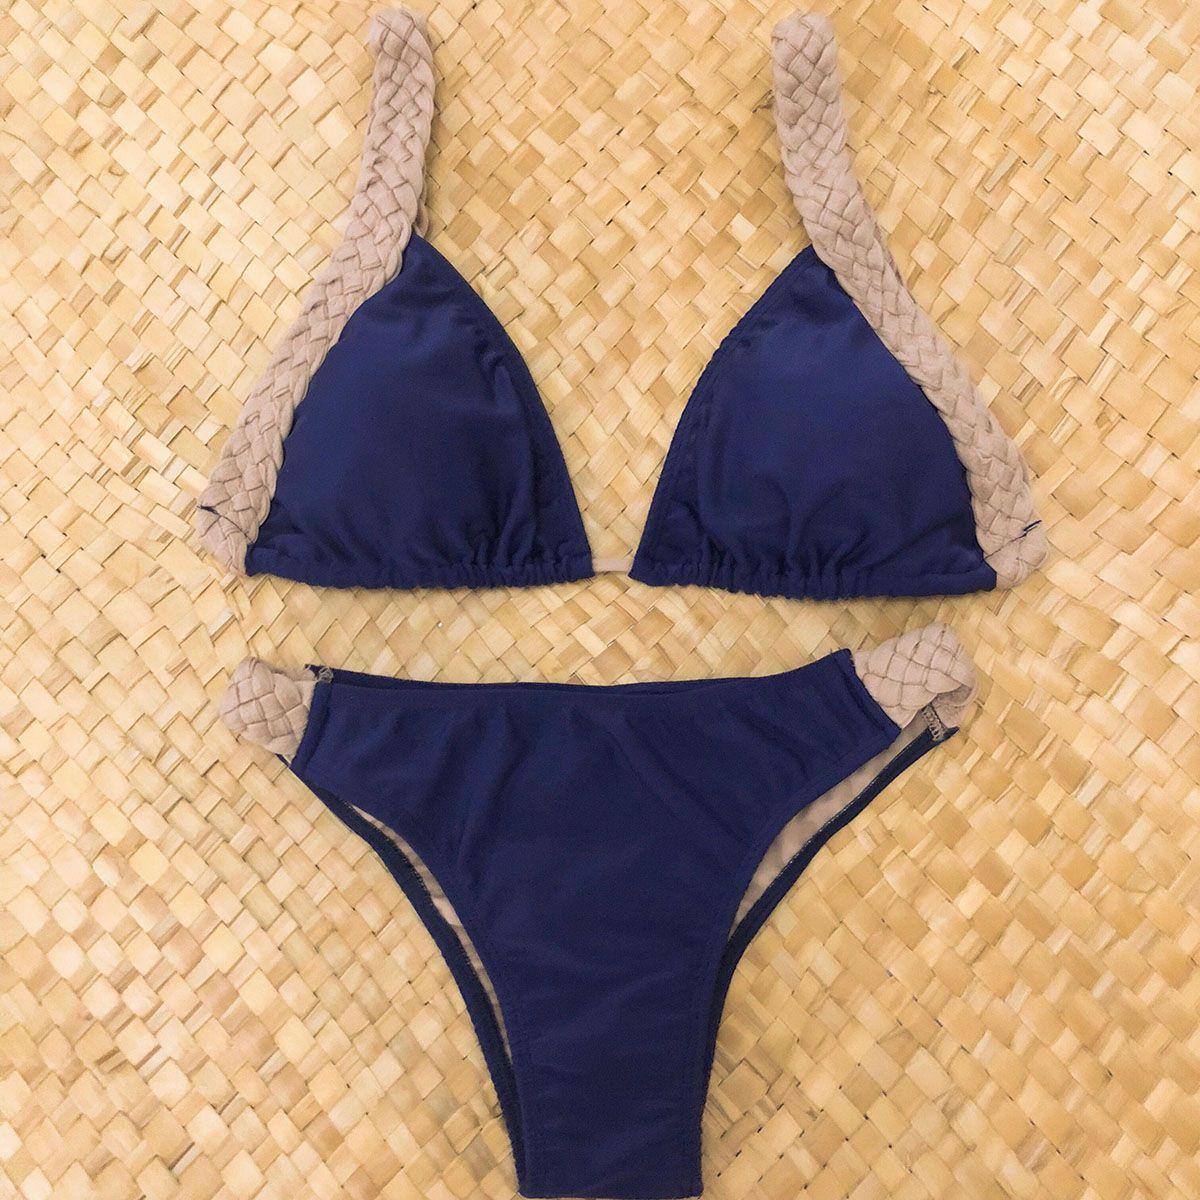 Biquíni Cortininha Azul Marinho Trançado Glam